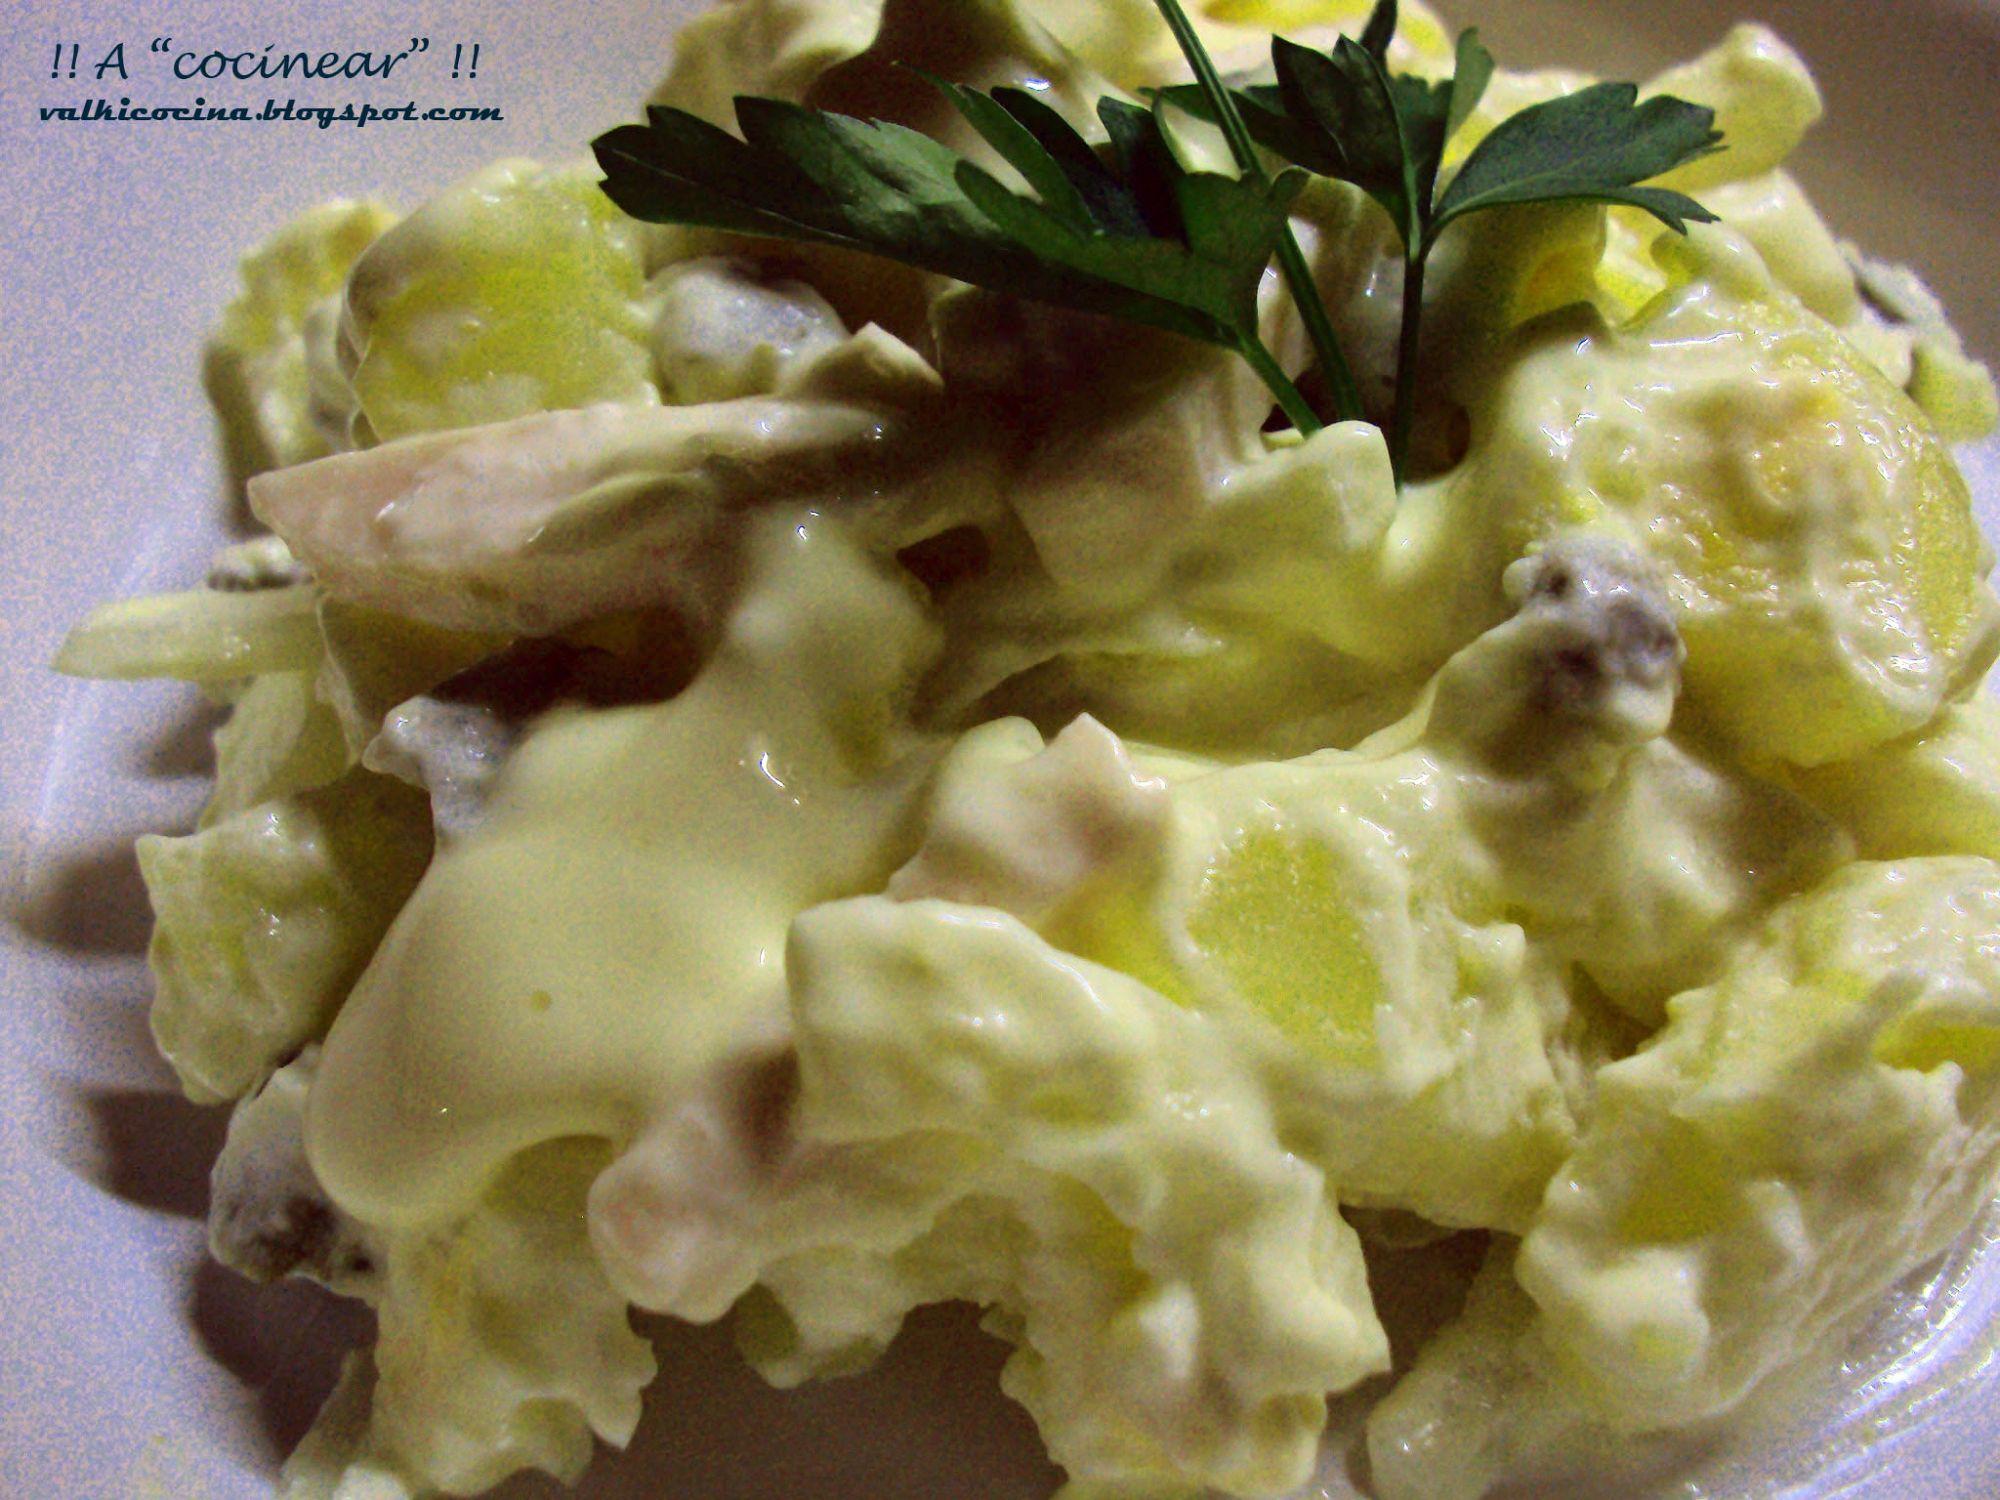 Ensalada alemana de patatas y jam n york 3 9 5 - Ensalada alemana de patatas ...